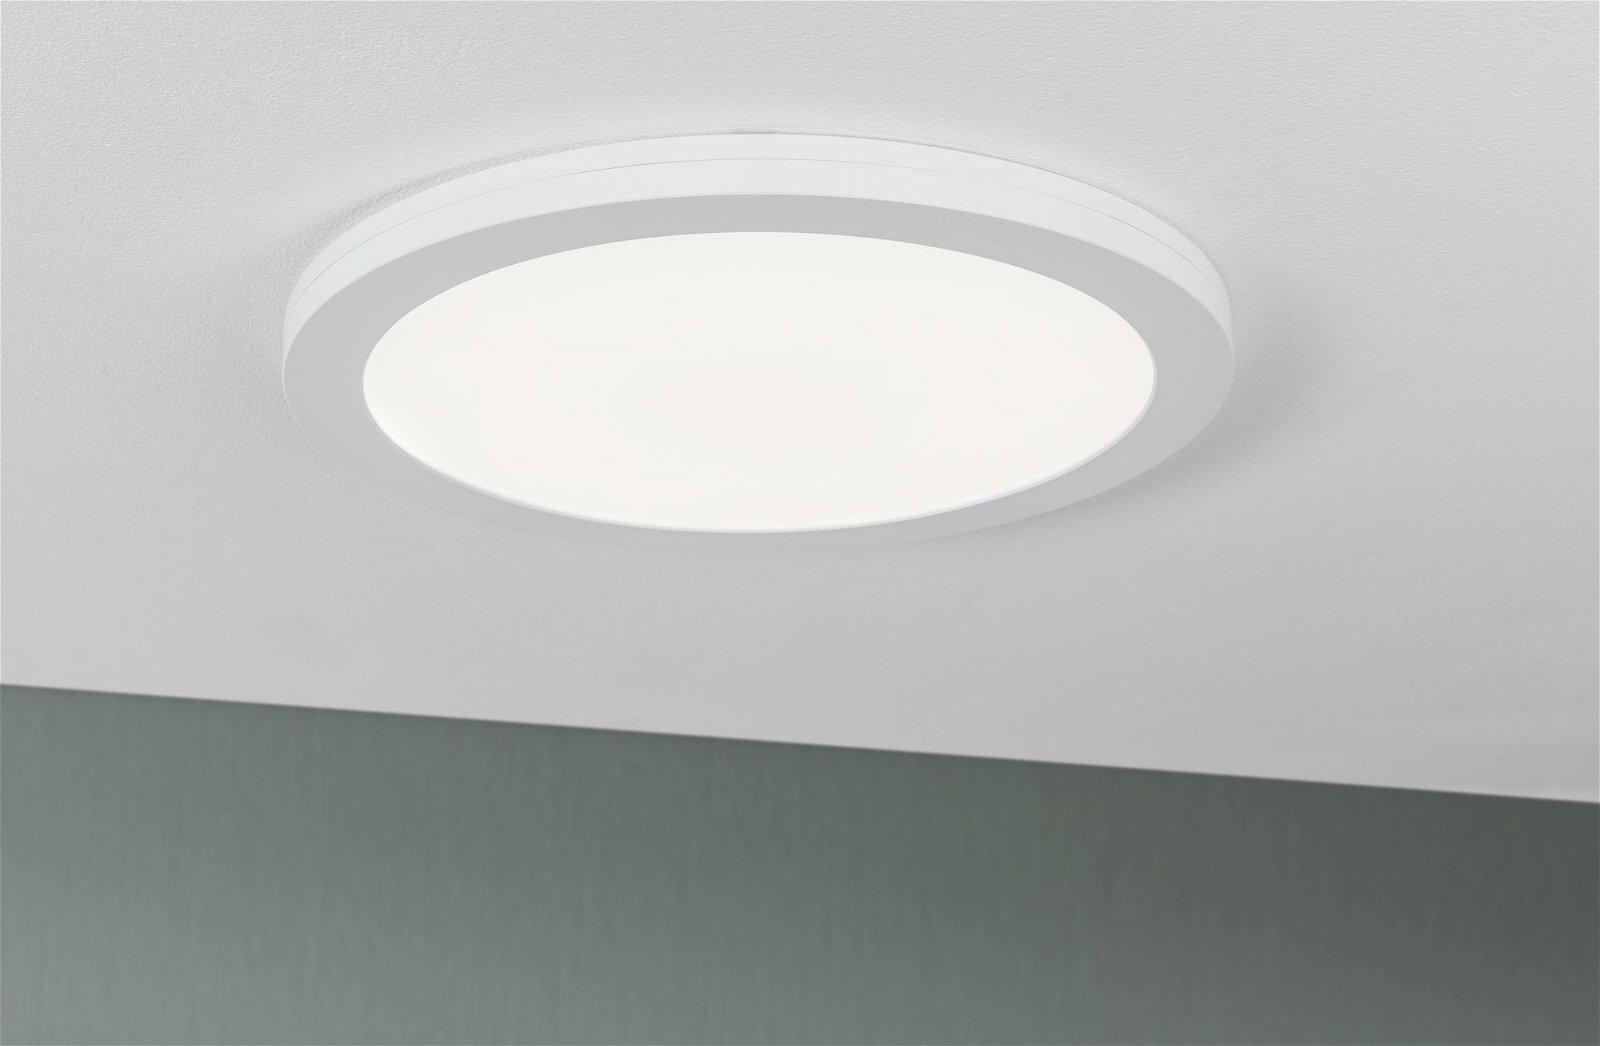 Panneaux encastrés LED 2in1 Cover-it rond 330mm 2460lm 4000K Blanc dépoli